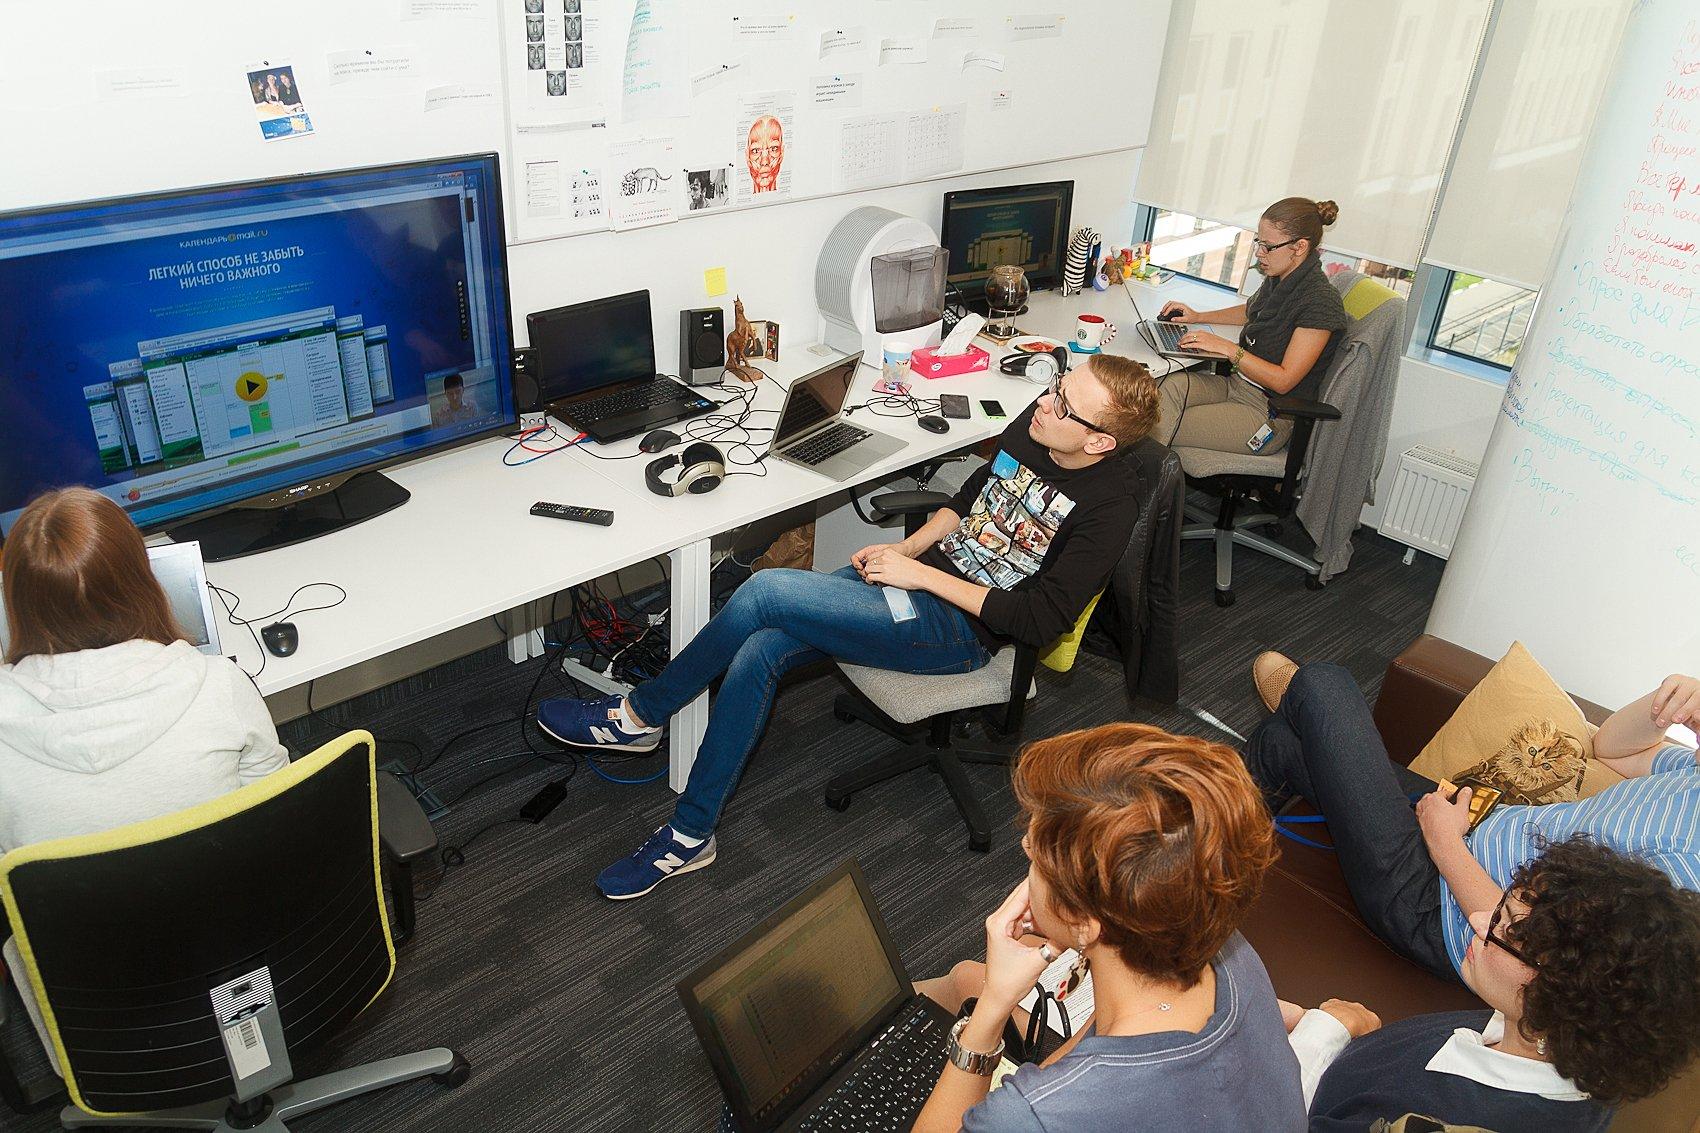 «Море можно сделать поводянистее» — как юзабилити-лаборатория Mail.ru Group помогает понять пользователей - 4